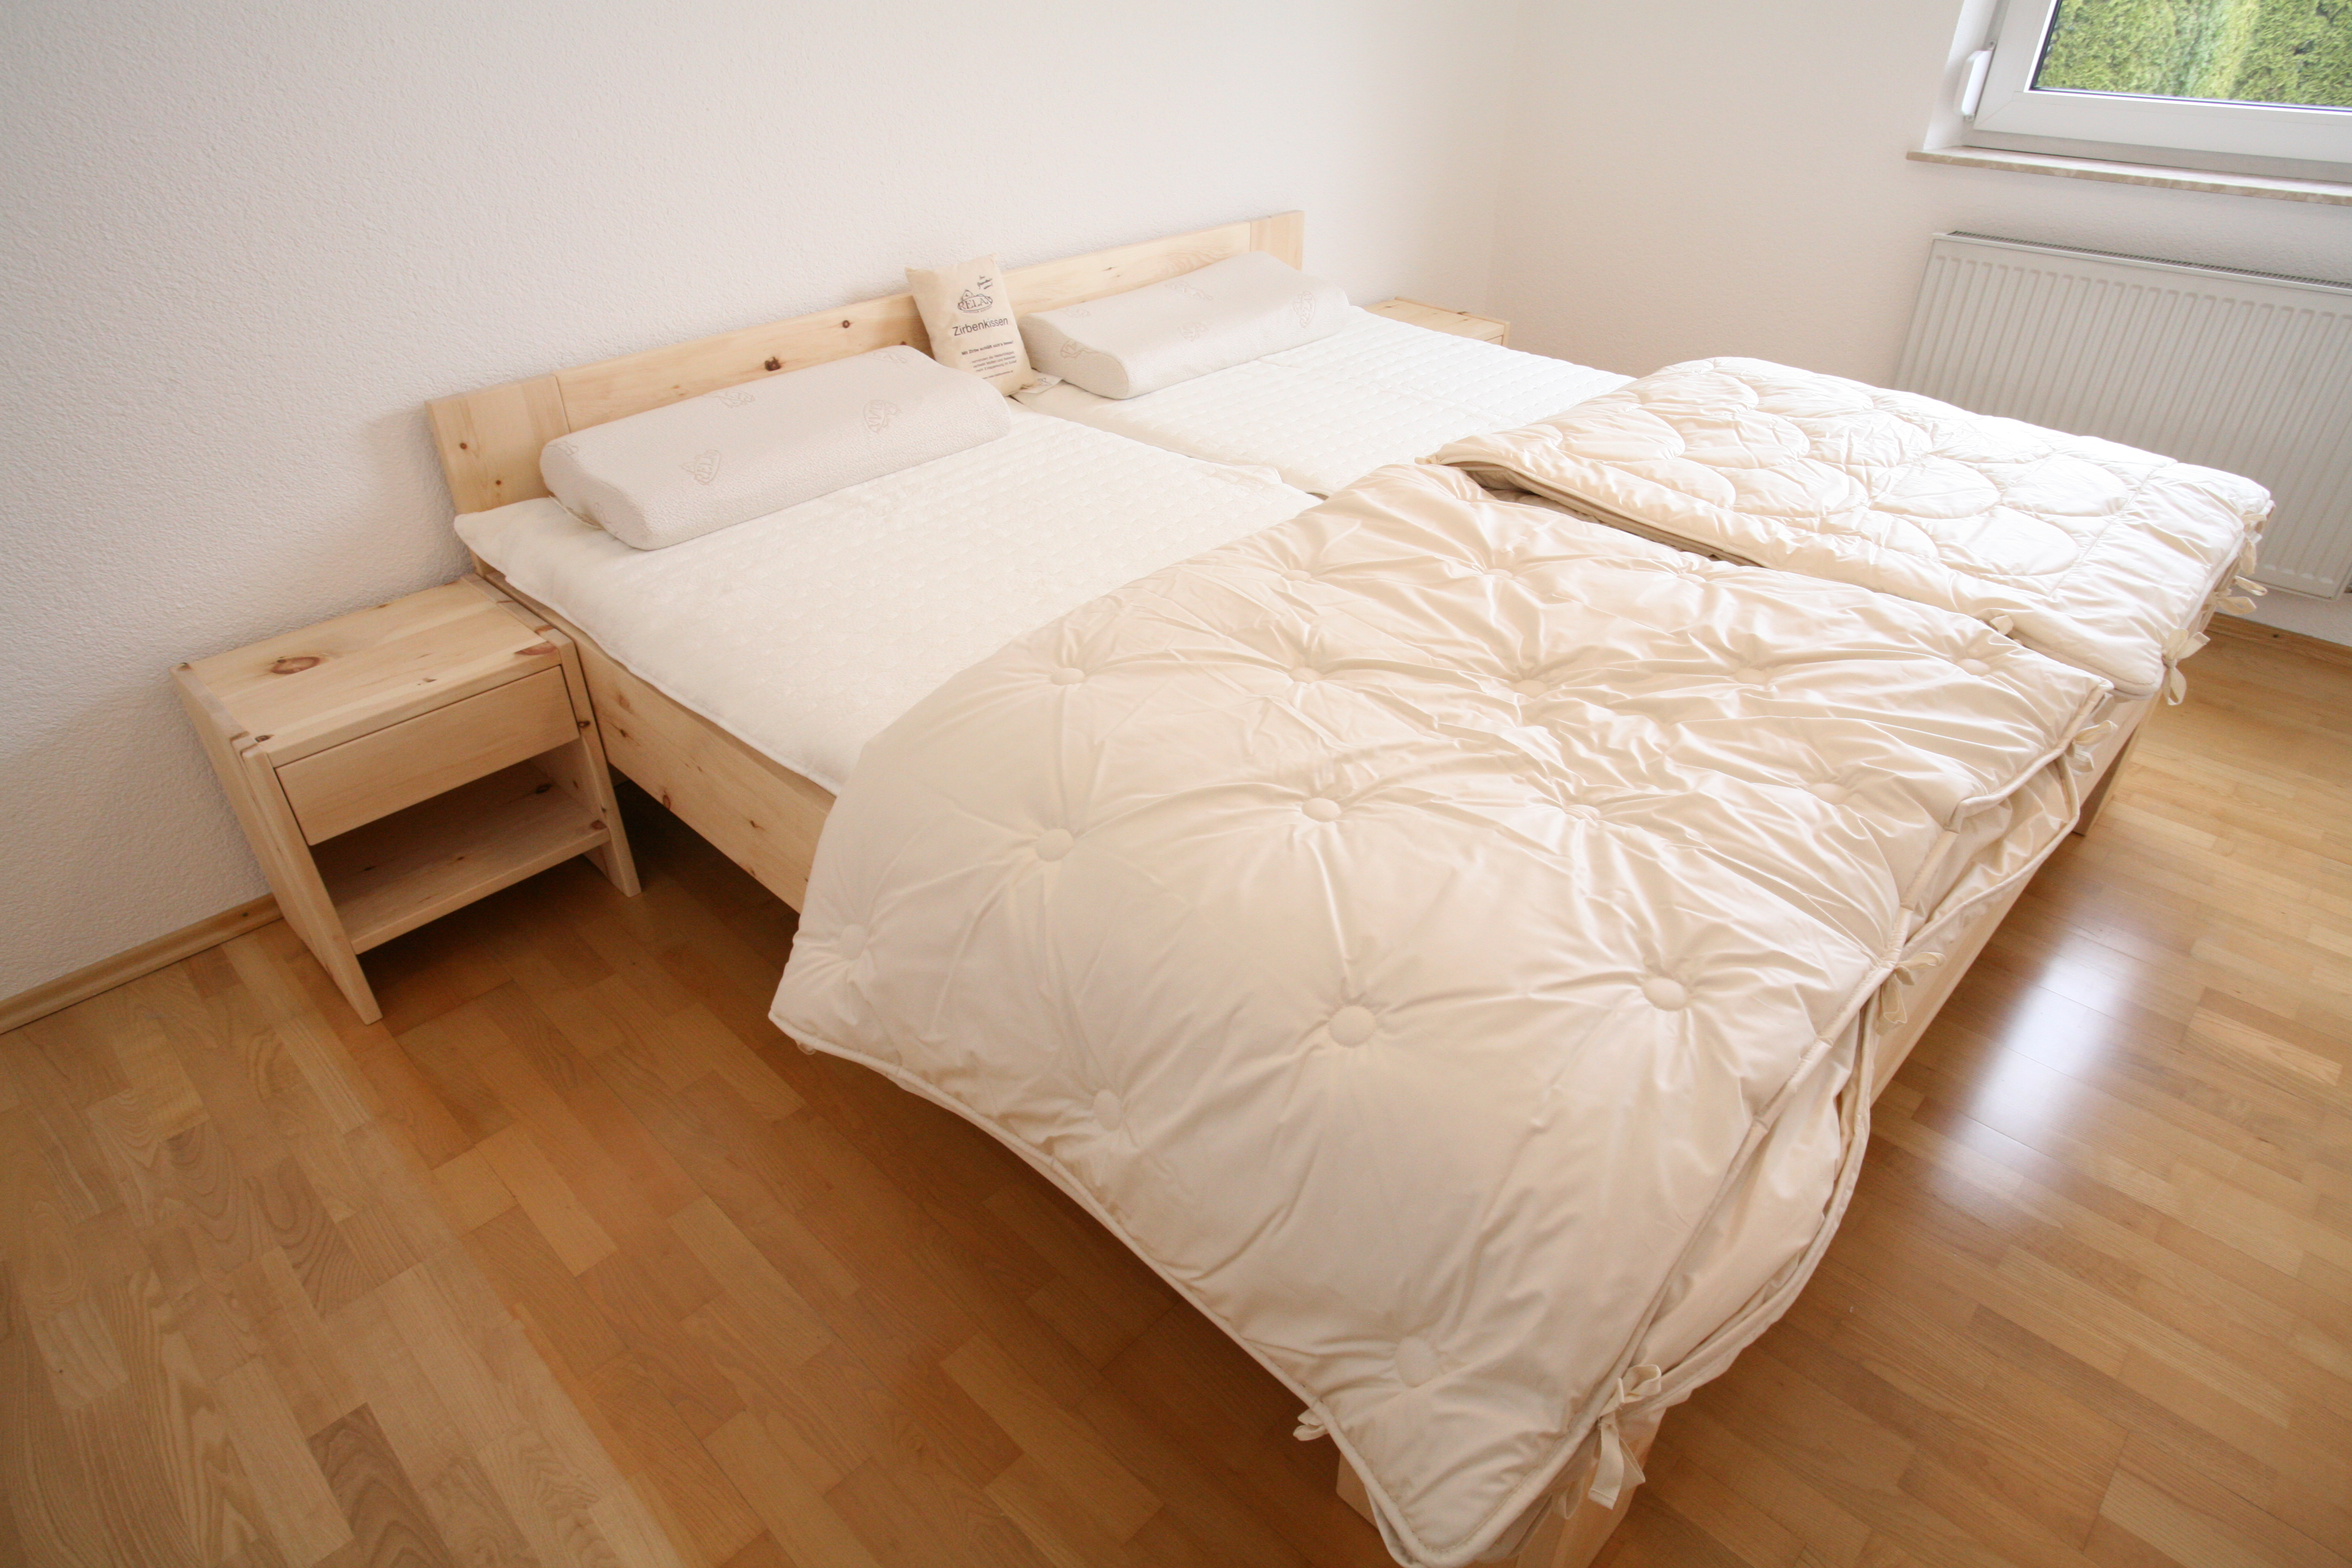 Bett und Nachtkästchen aus Zirbe